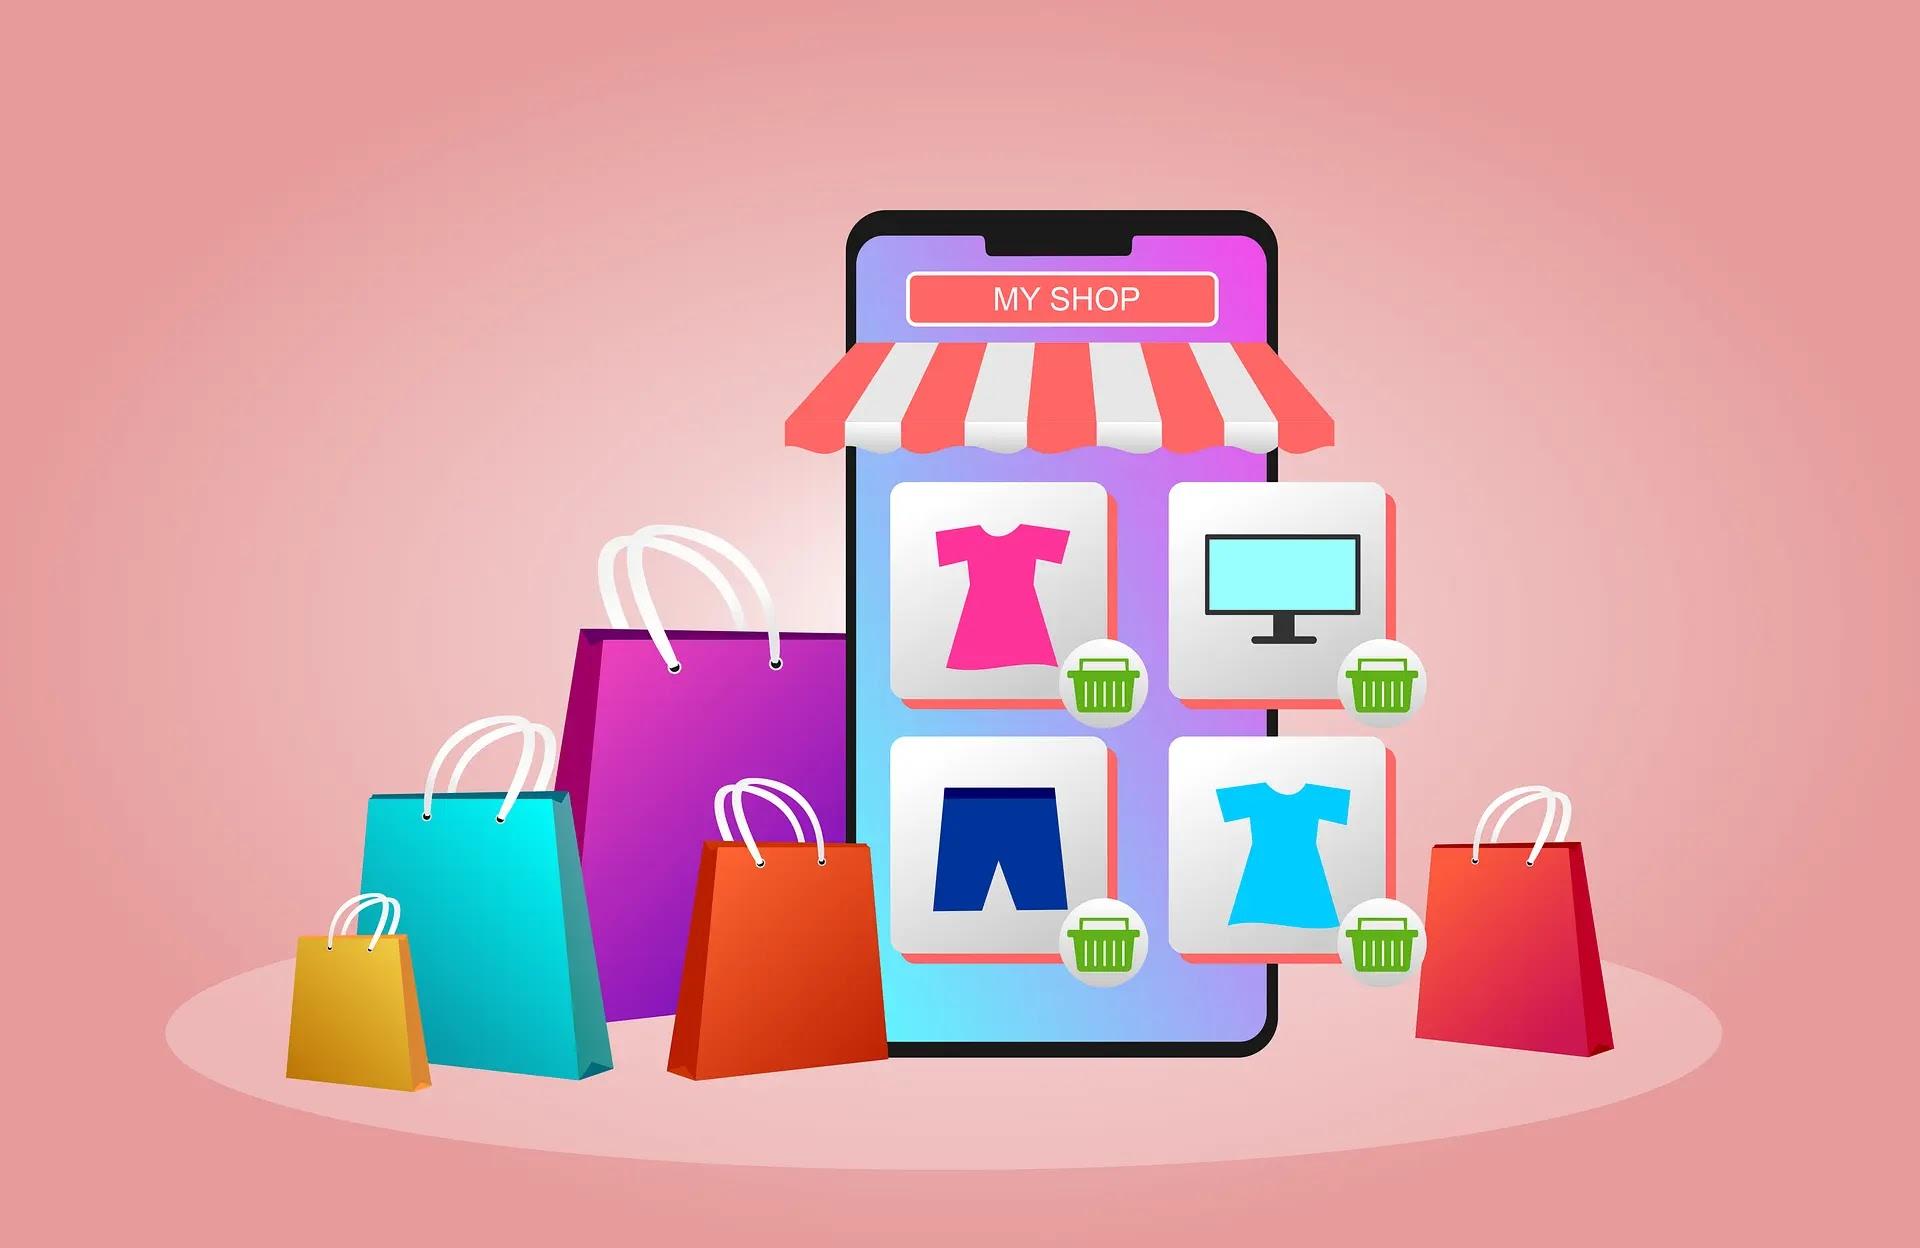 زيادة المبيعات,المبيعات,طرق زيادة المبيعات,مبيعات,افكار لزيادة المبيعات,فن المبيعات,إدارة المبيعات,ادارة المبيعات,كيفية زيادة المبيعات,زيادة المبيعات على الإنترنت,كيفية زيادة نسبة المبيعات,كتب المبيعات,قلة المبيعات,المبيعات والتسويق,استراتيجية المبيعات الناجحة,فريق المبيعات,كيف تزيد من المبيعات,تنشيط المبيعات,مندوب المبيعات,أهداف المبيعات,برنامج ادارة المبيعات,زيادة المبيعات فى المحل,الطرق التى تزيد المبيعات,زيادة المبيعات والارباح